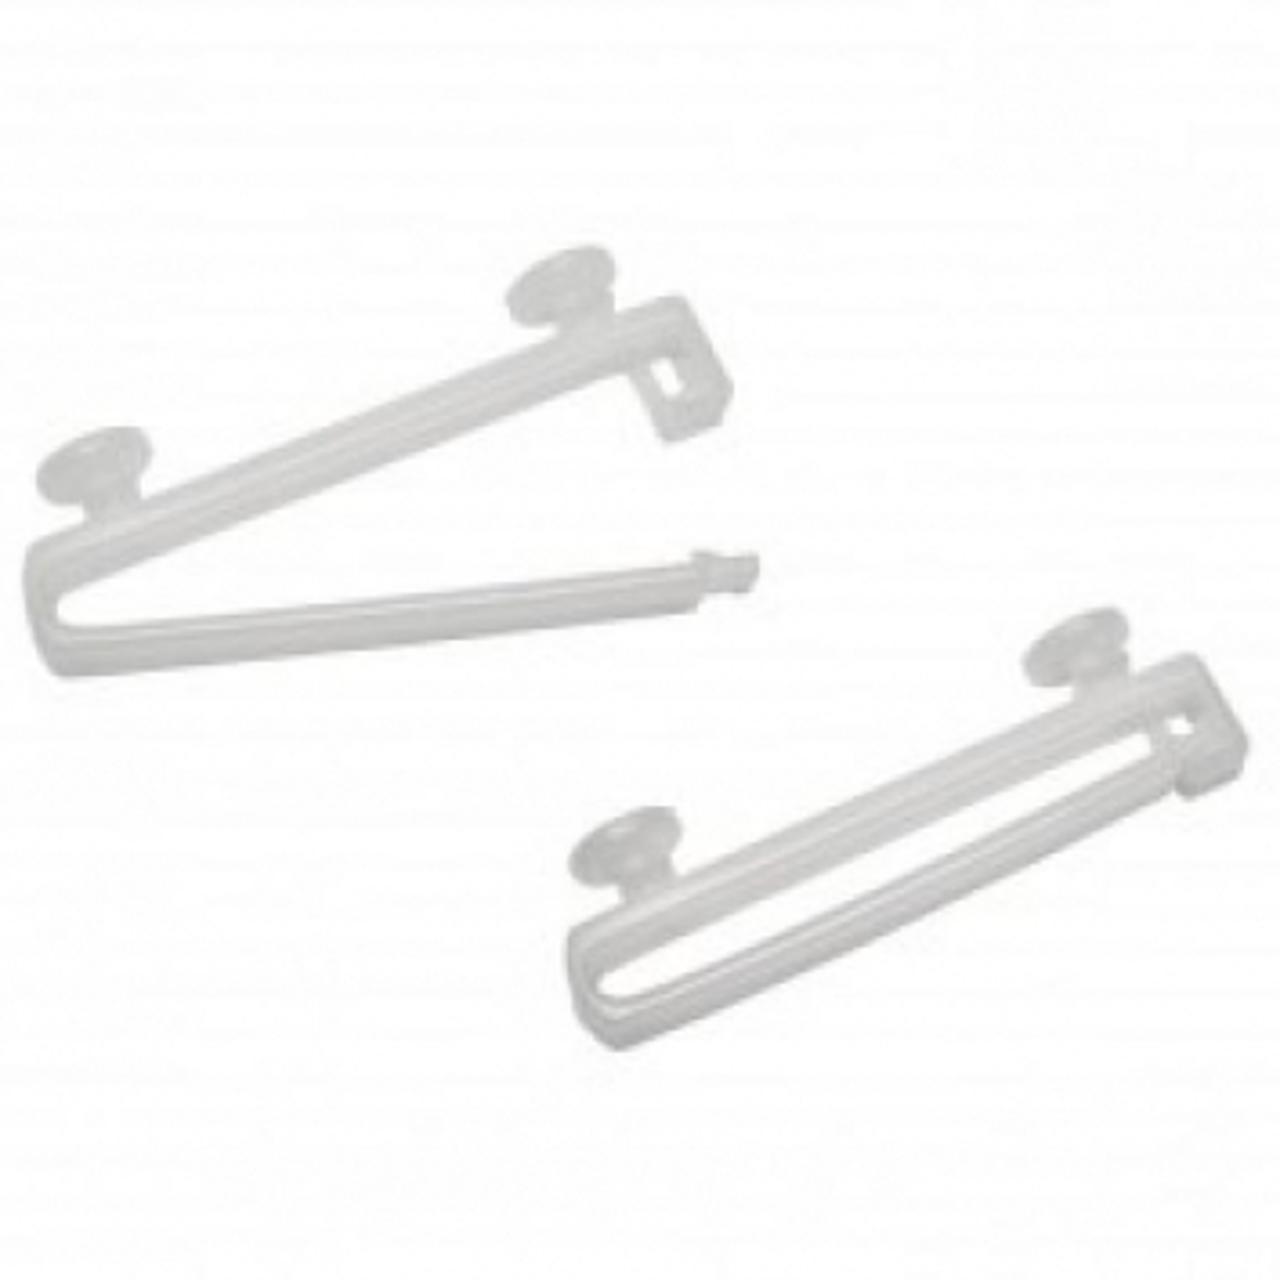 Hervorragend Ikea Gardinenschiene - welche Schiebevorhänge passen? - urbia.de AF47